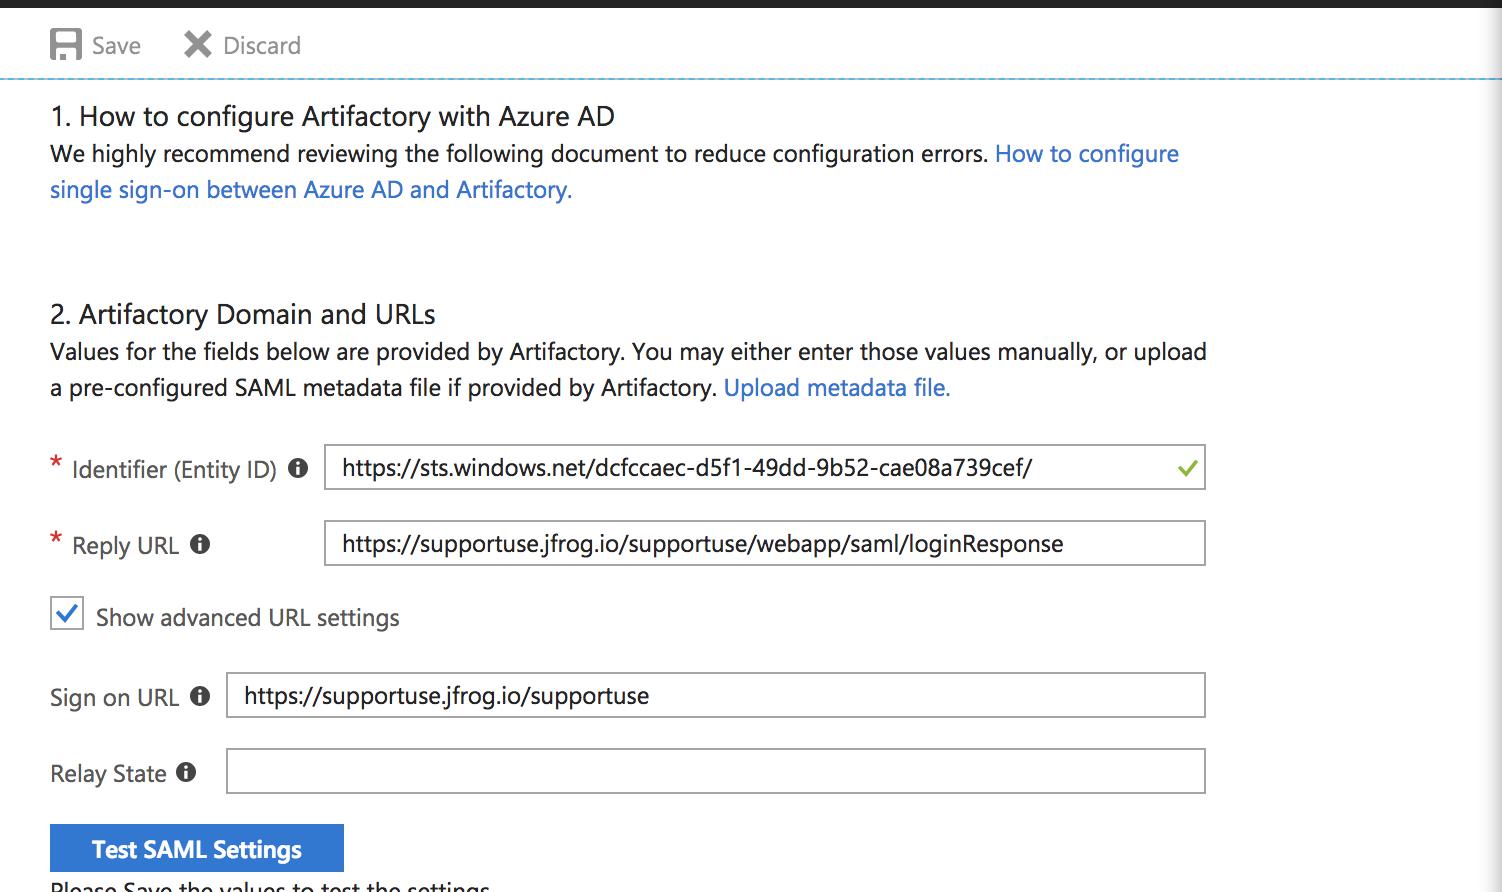 How do I configure Artifactory SAML SSO with Azure AD?